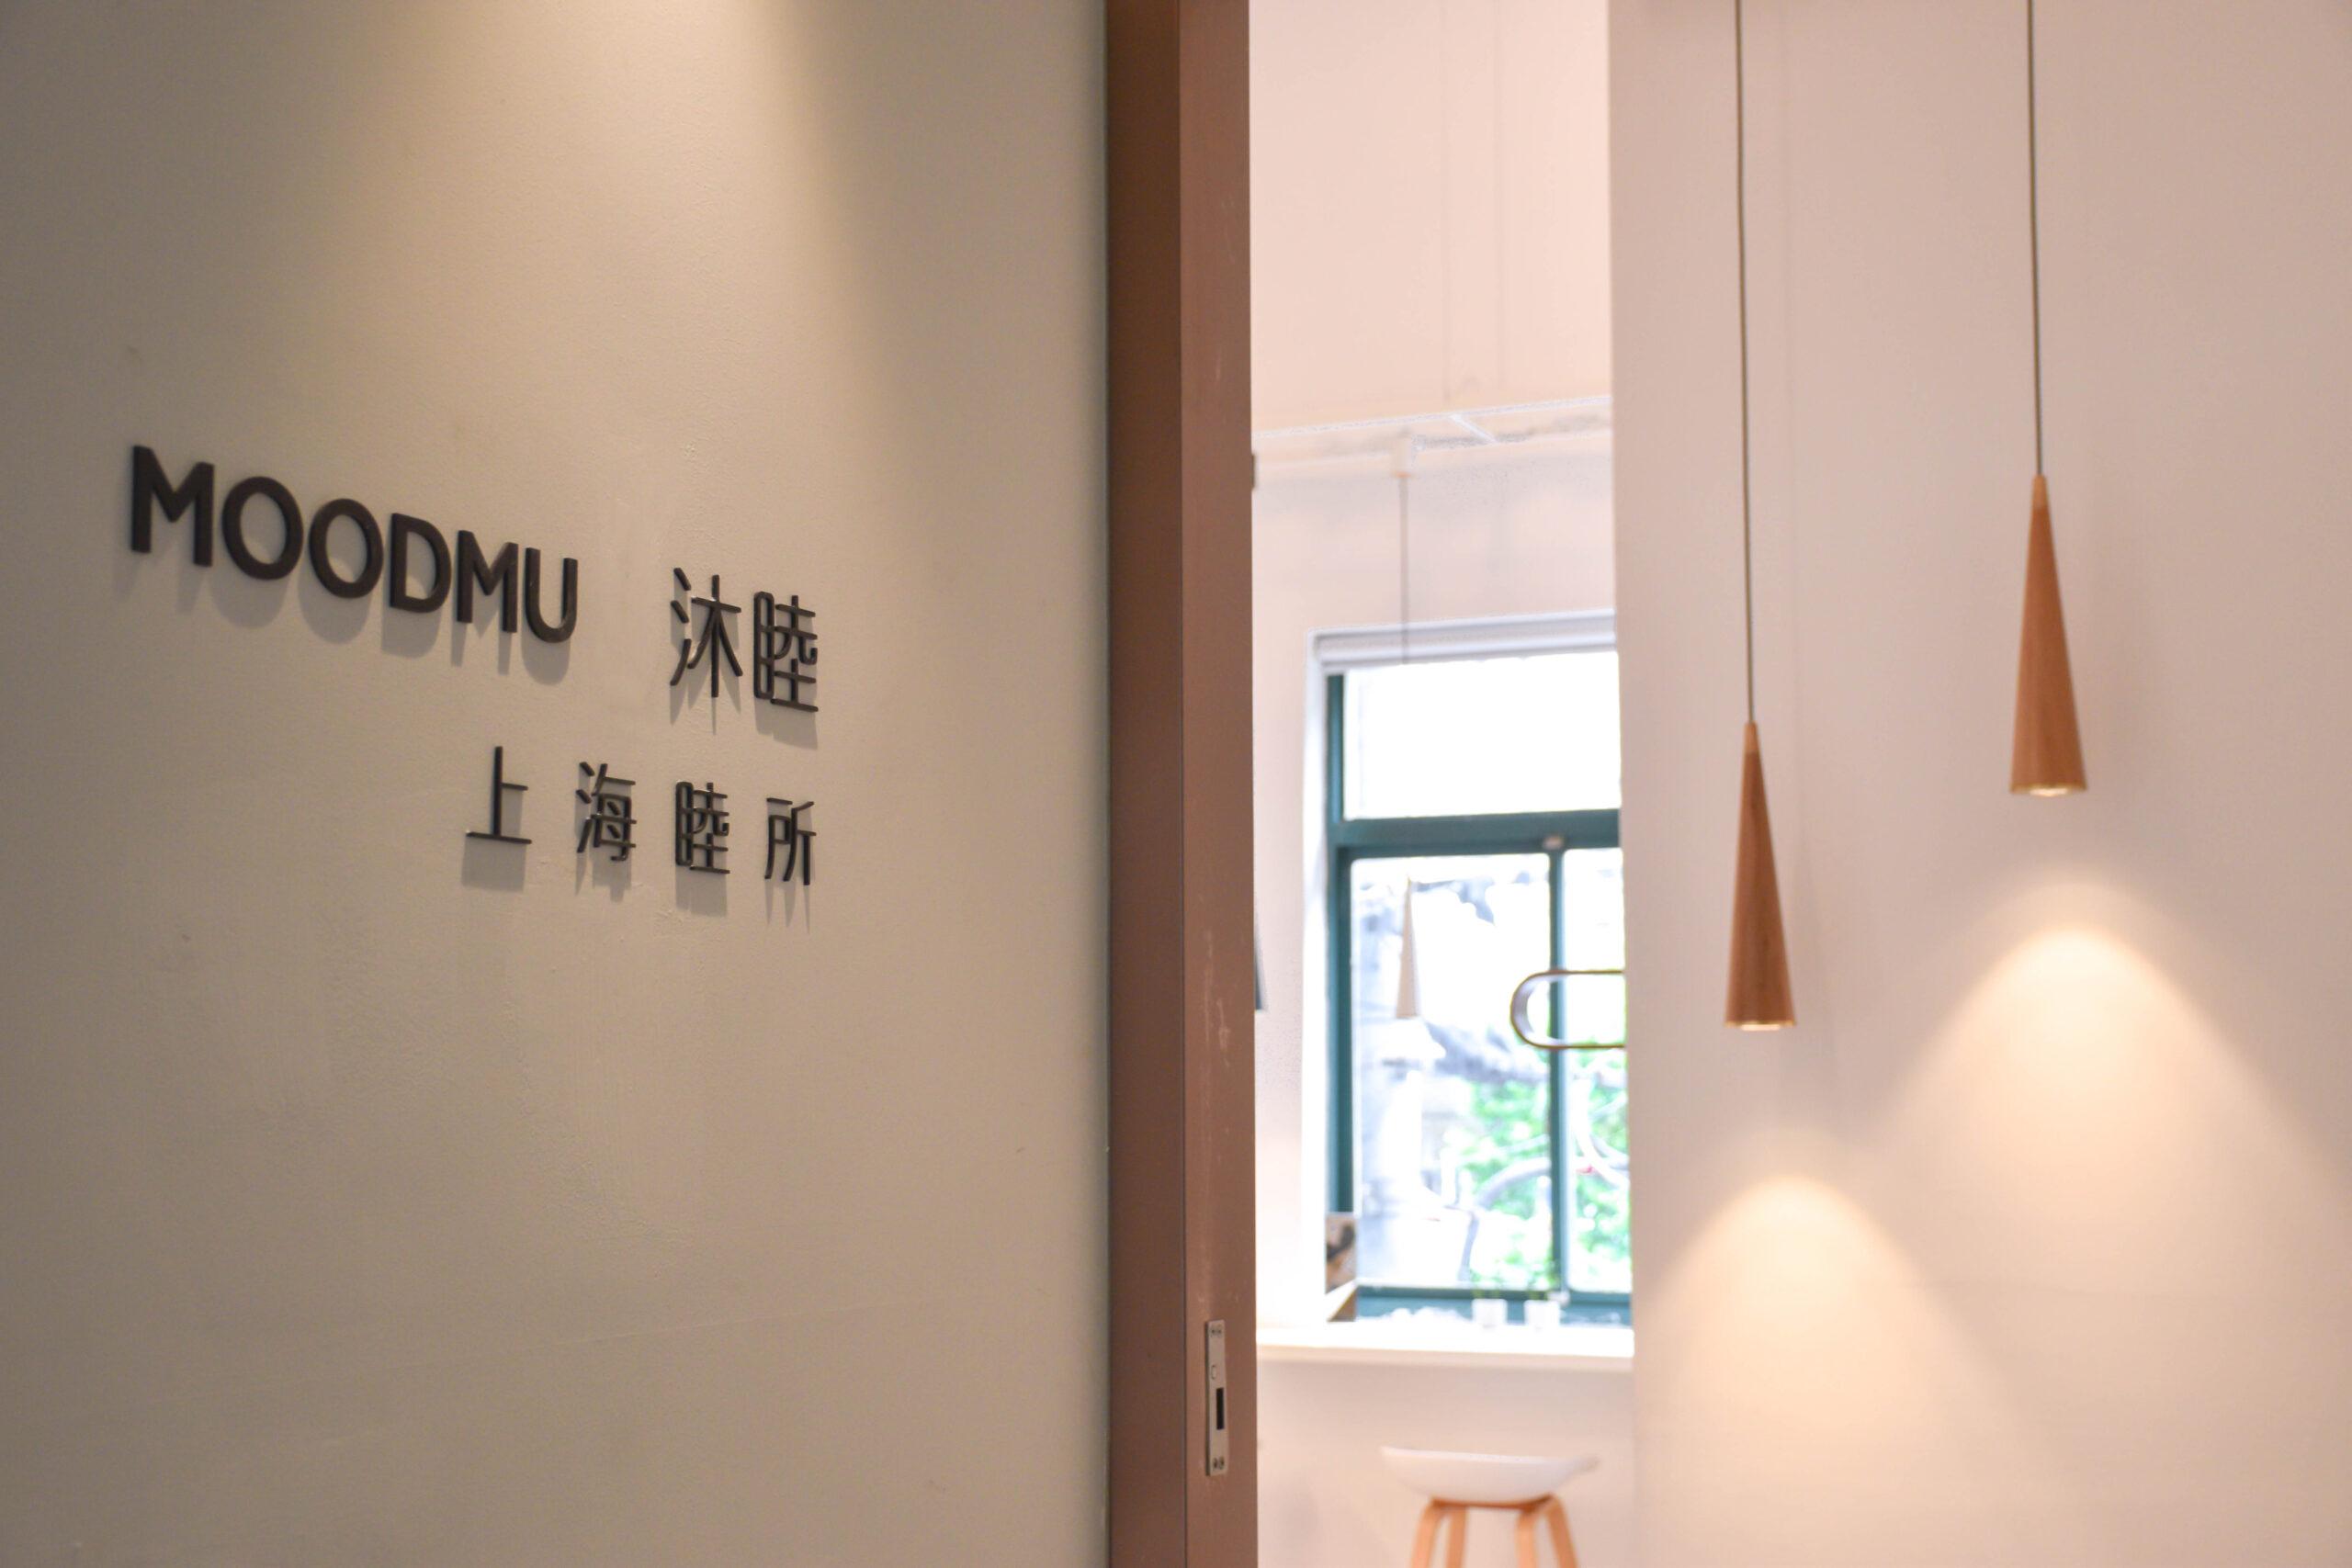 上海睦所1